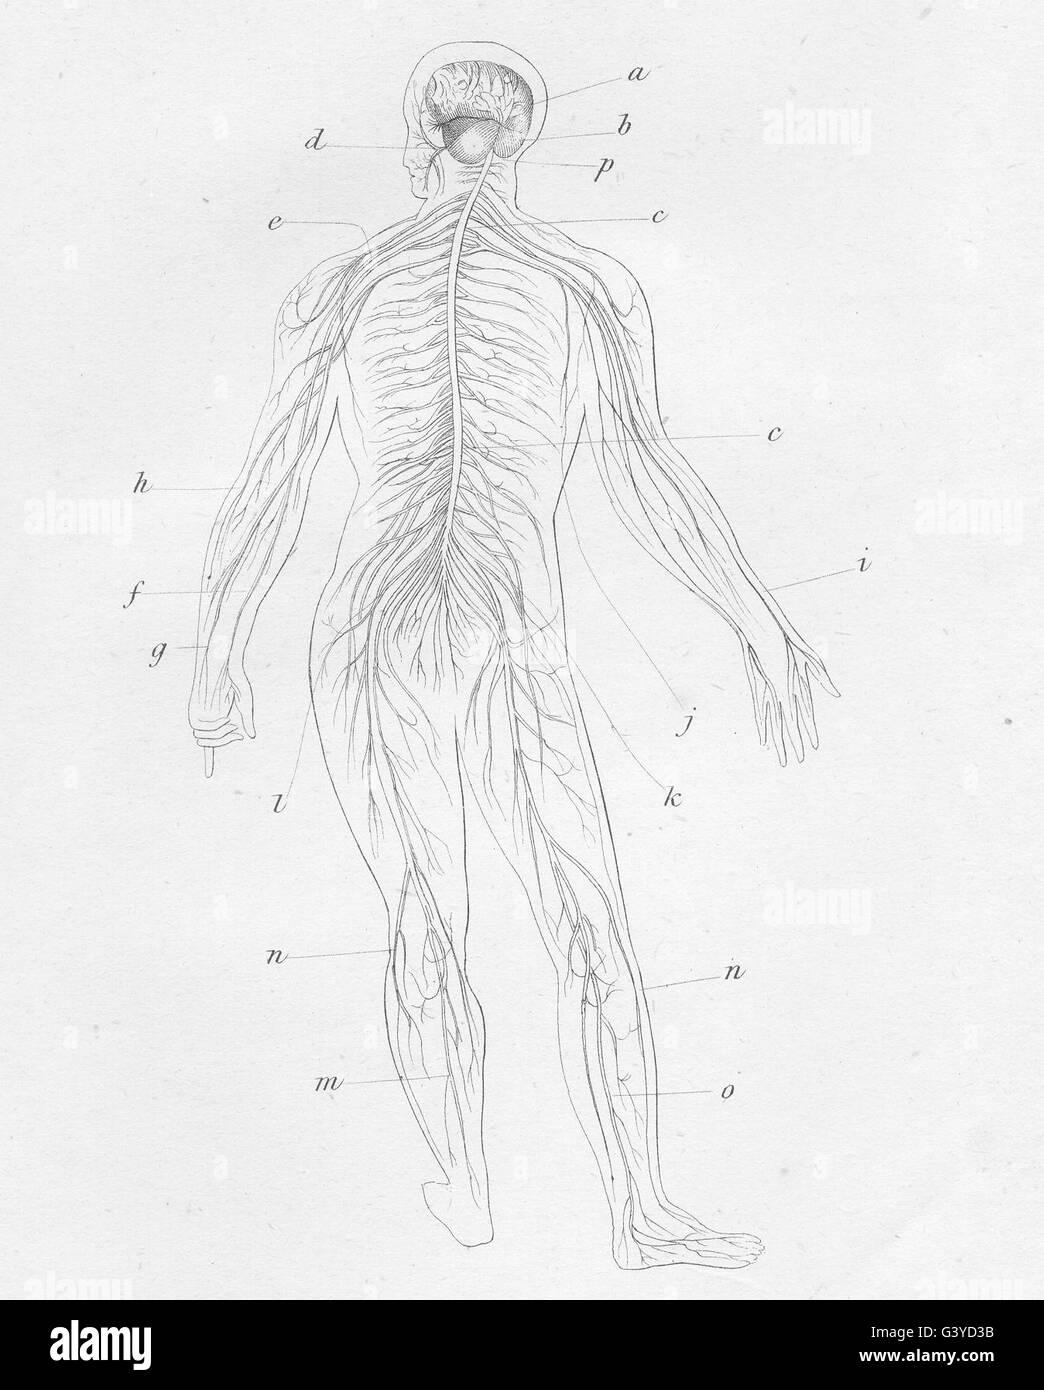 Ziemlich Menschliche Nervensystem Anatomie Bilder - Anatomie Ideen ...